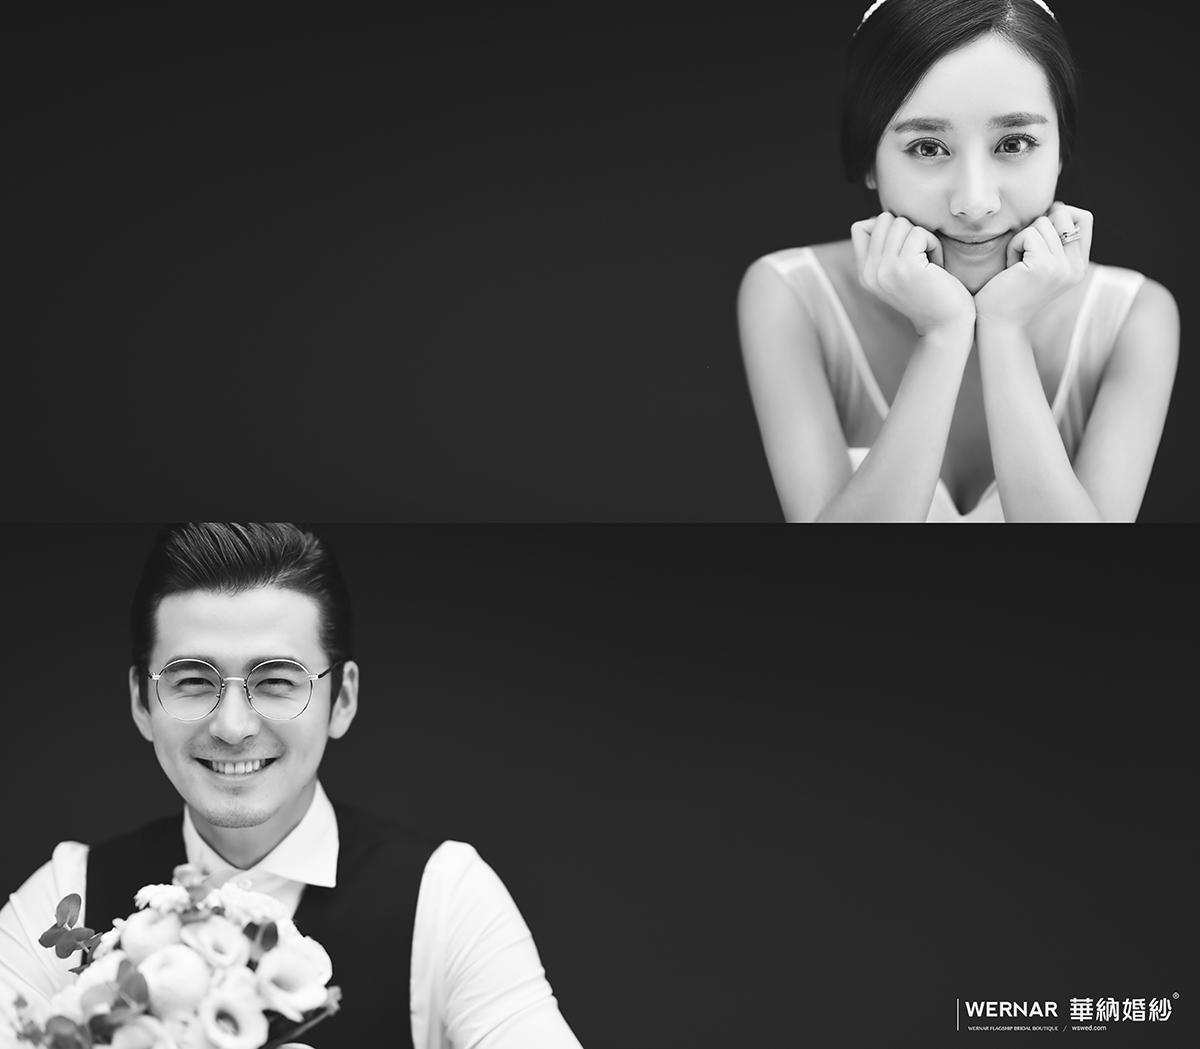 婚紗推薦,婚紗攝影,自主婚紗,婚紗照,韓風婚紗